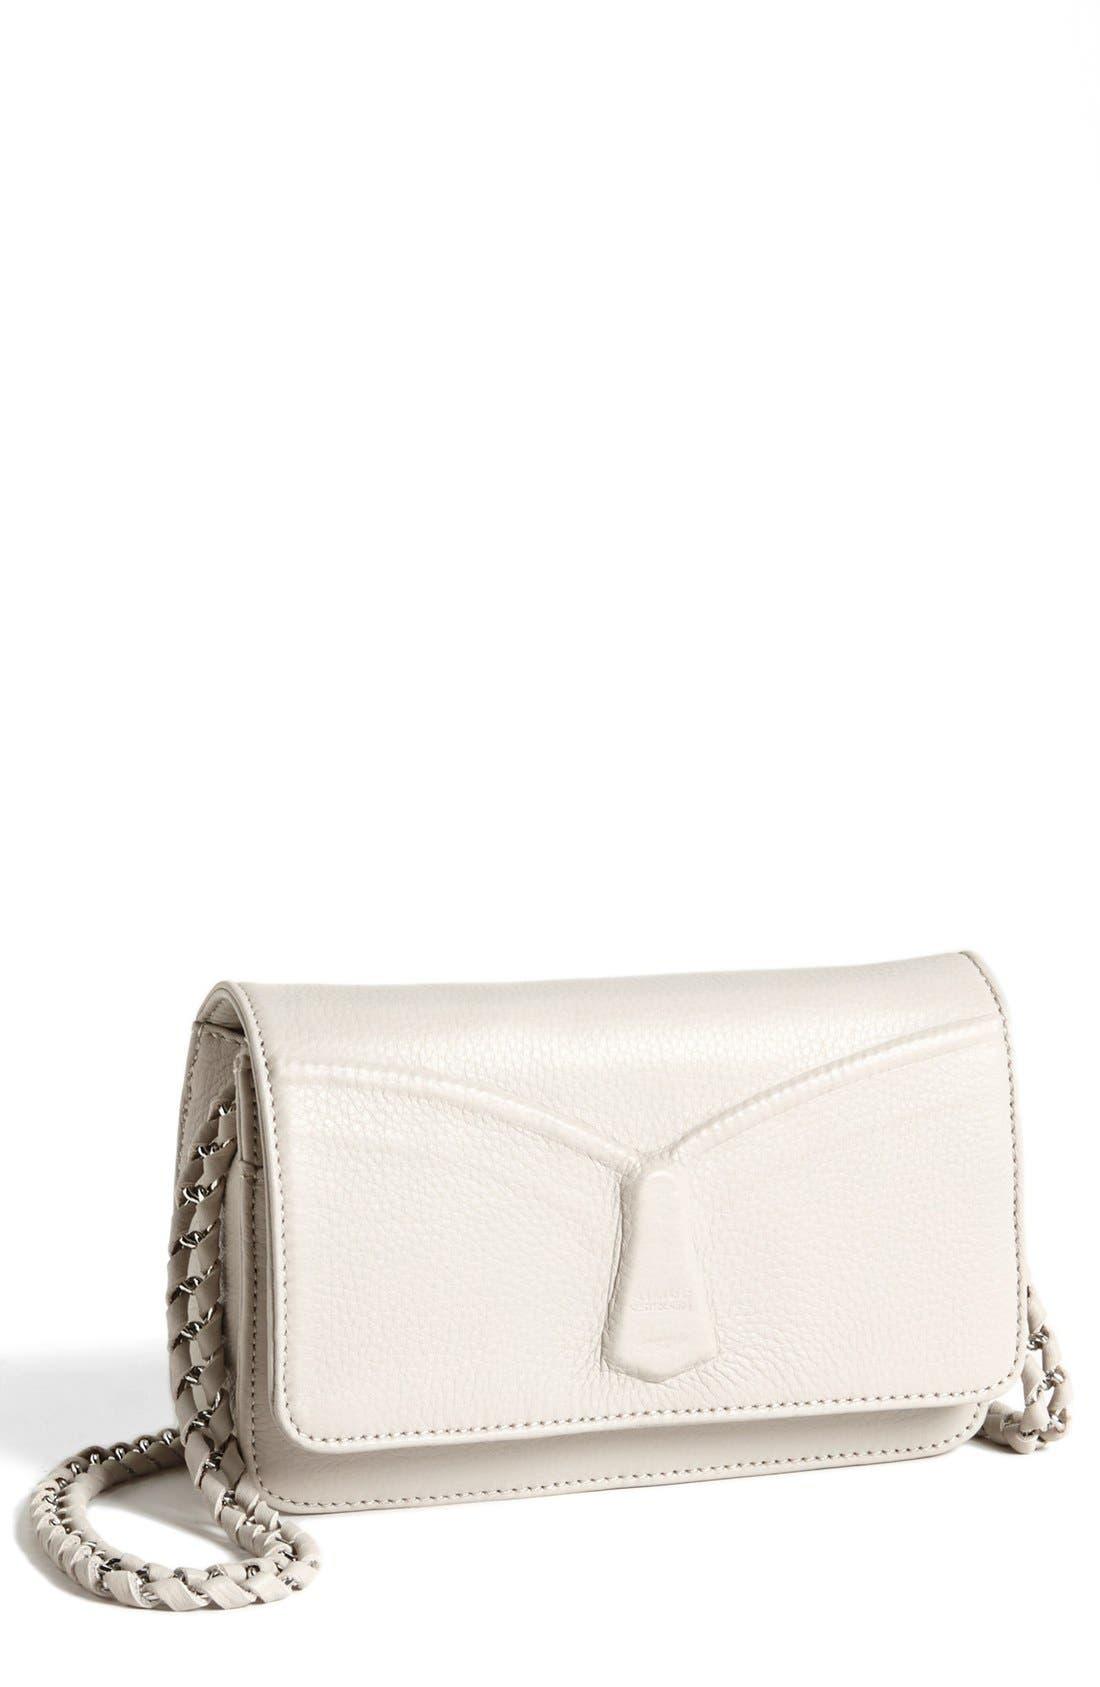 Main Image - Aimee Kestenberg 'Kiera' Crossbody Bag